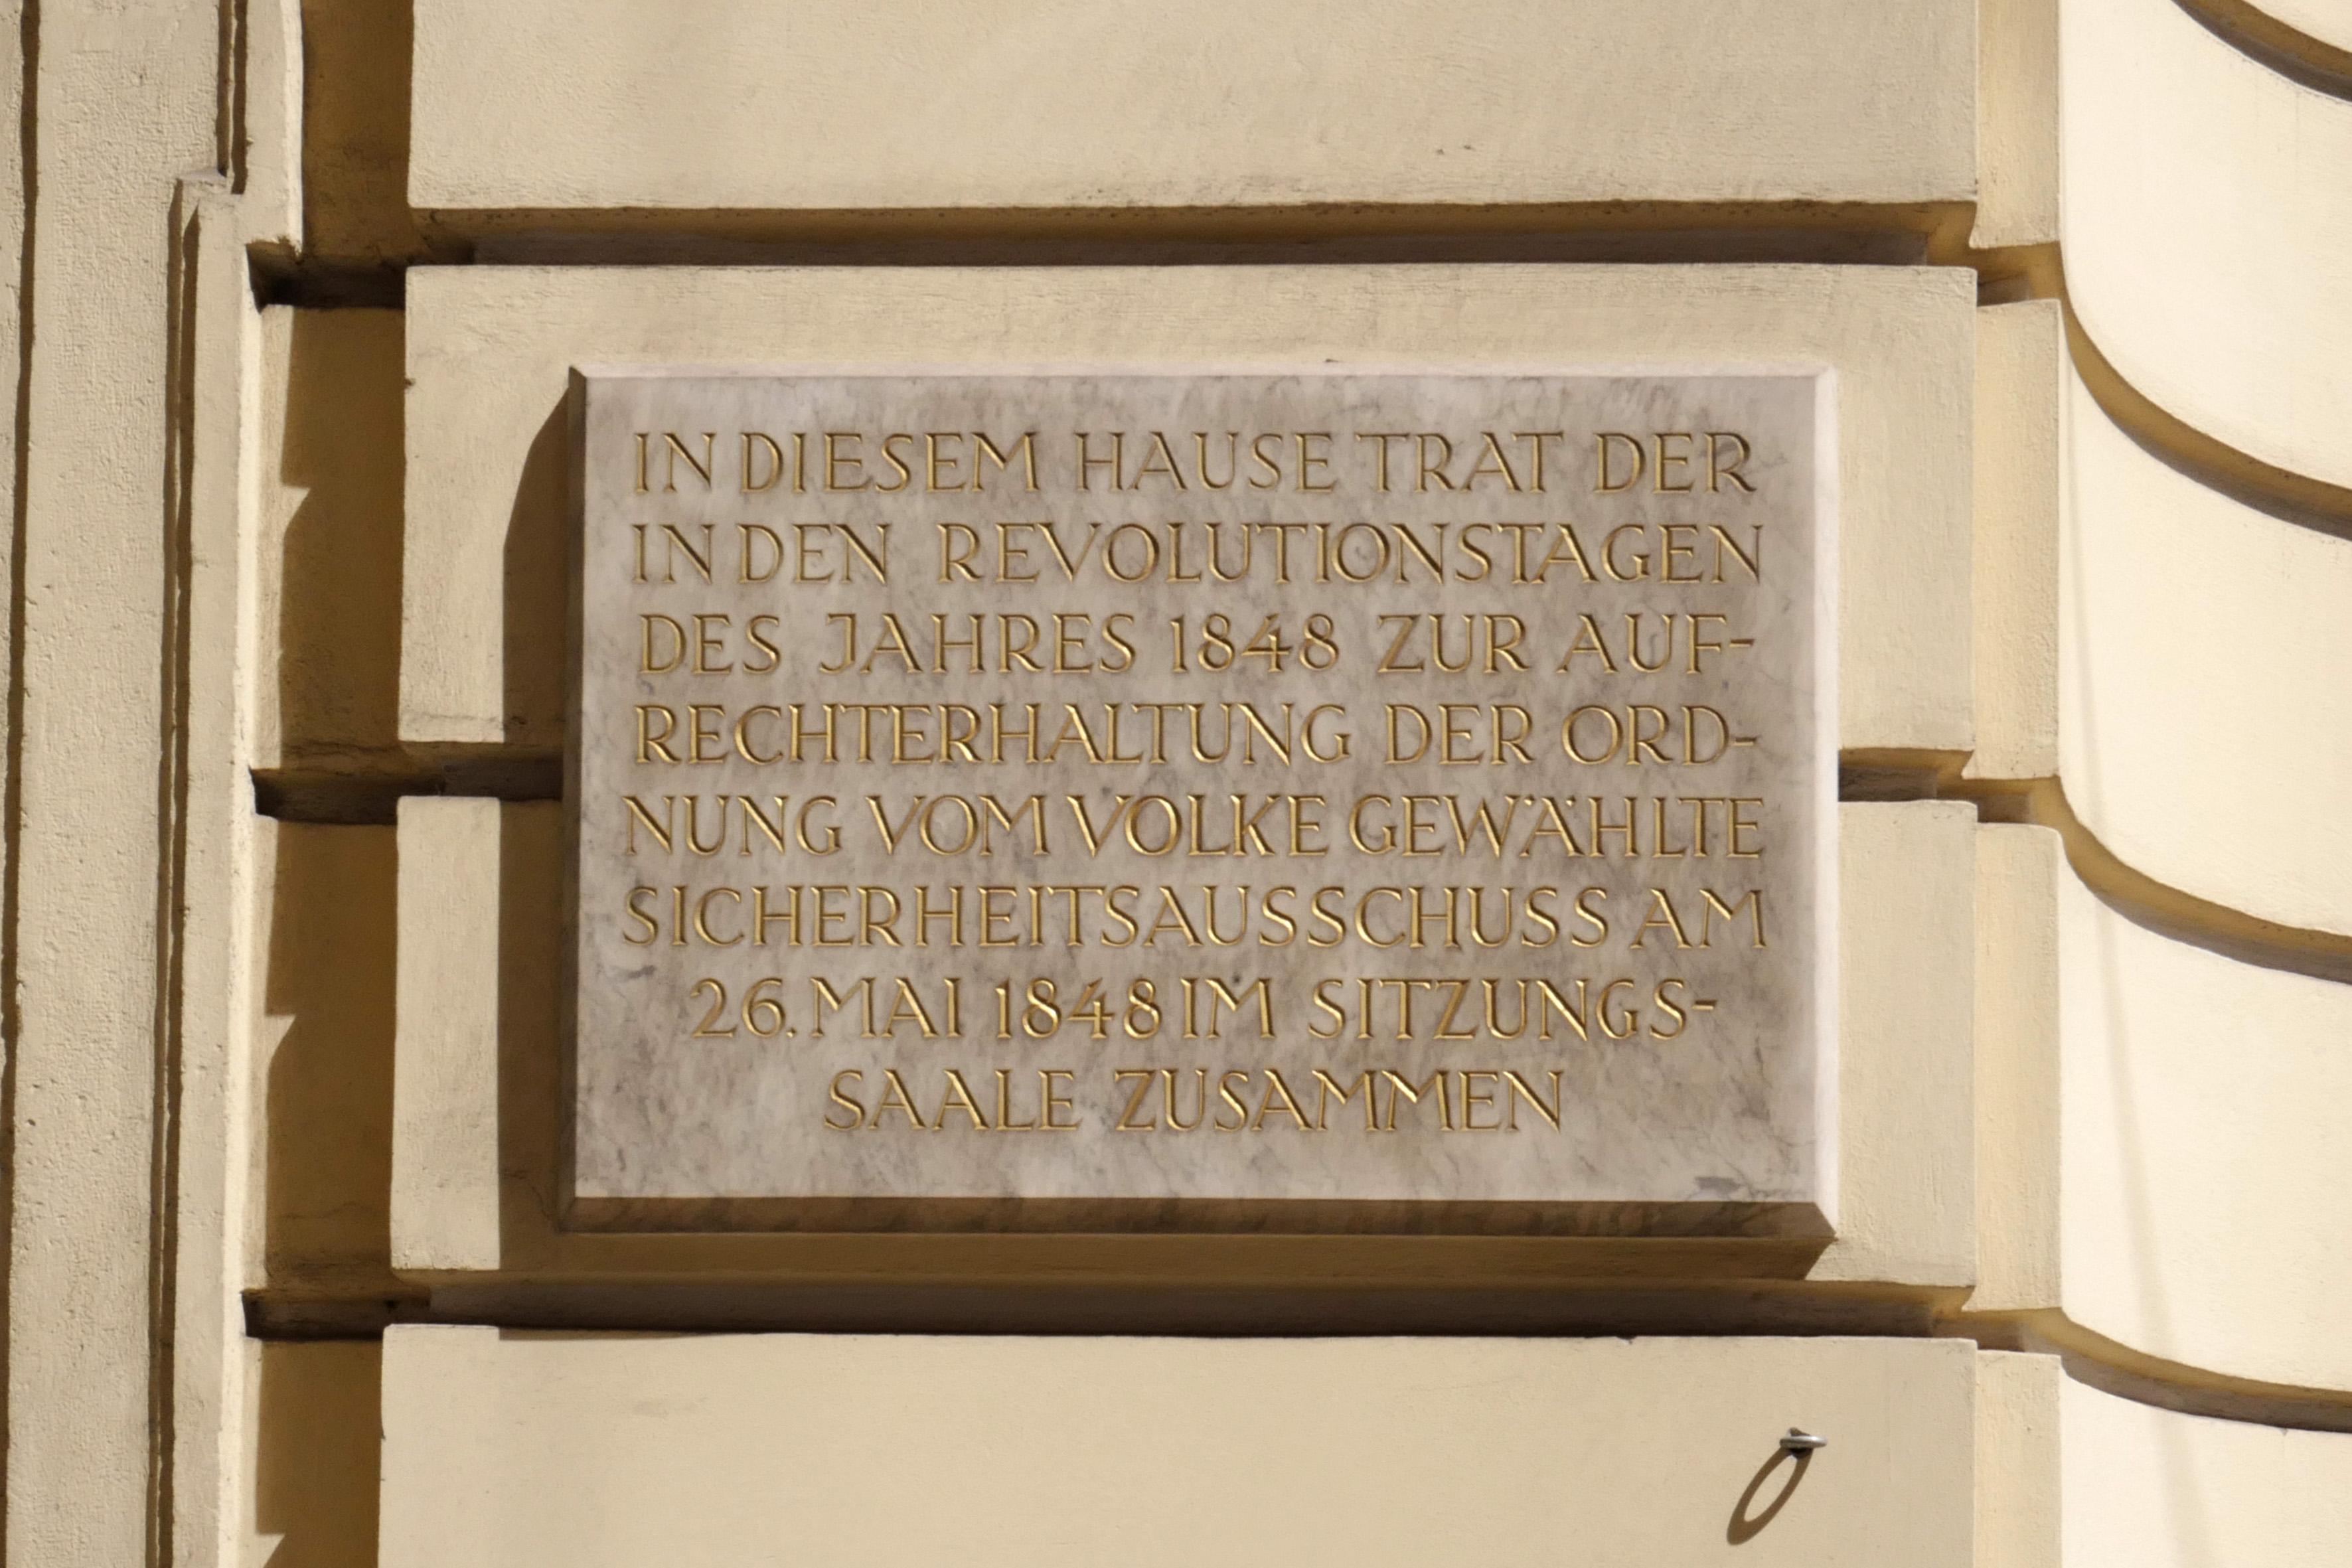 Altes Rathaus, Vienna - GT 26.Mai 1848.jpg